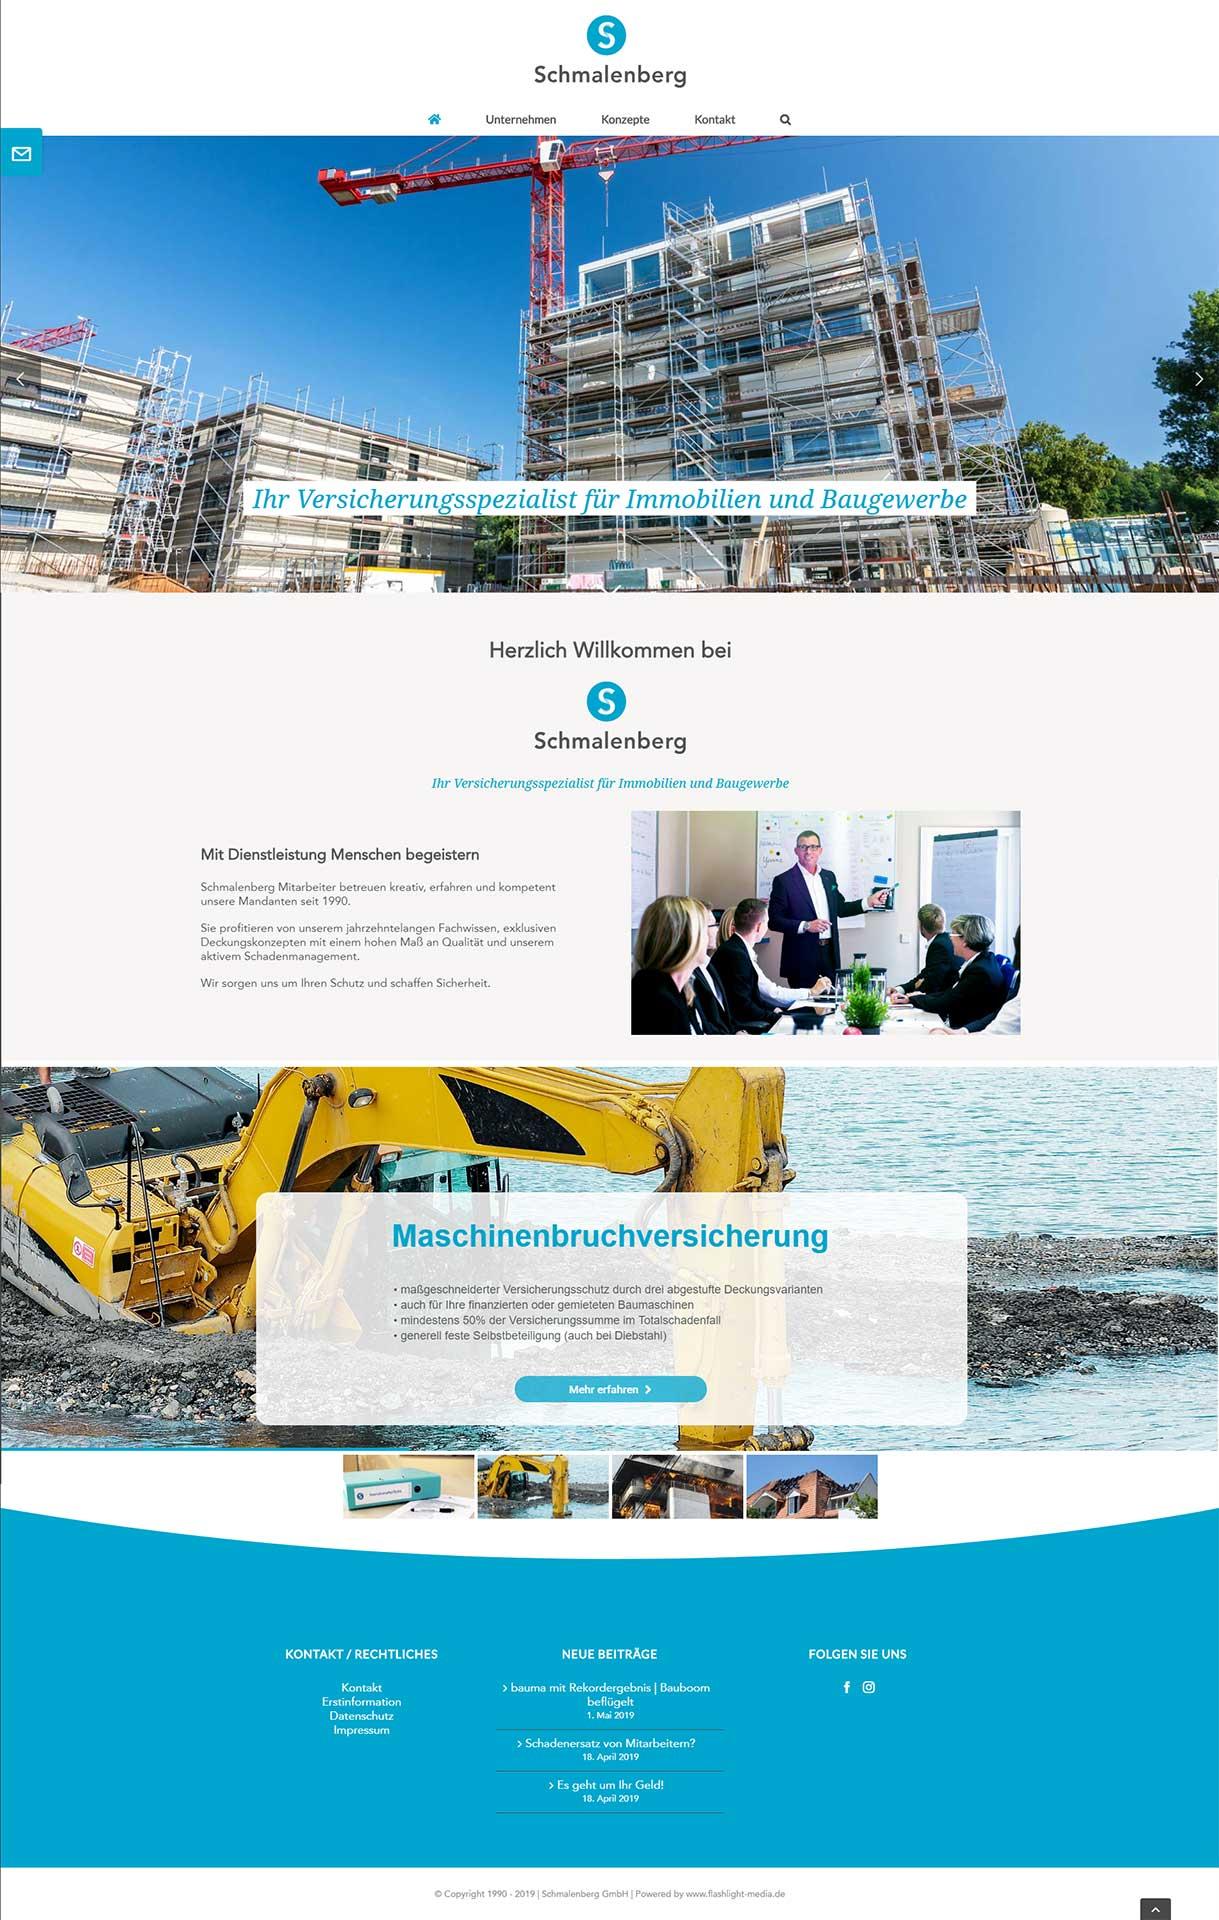 webdesign-flashlightmedia-werbeagentur-leipzig-grimma-startseite-schmalenberg-webseite